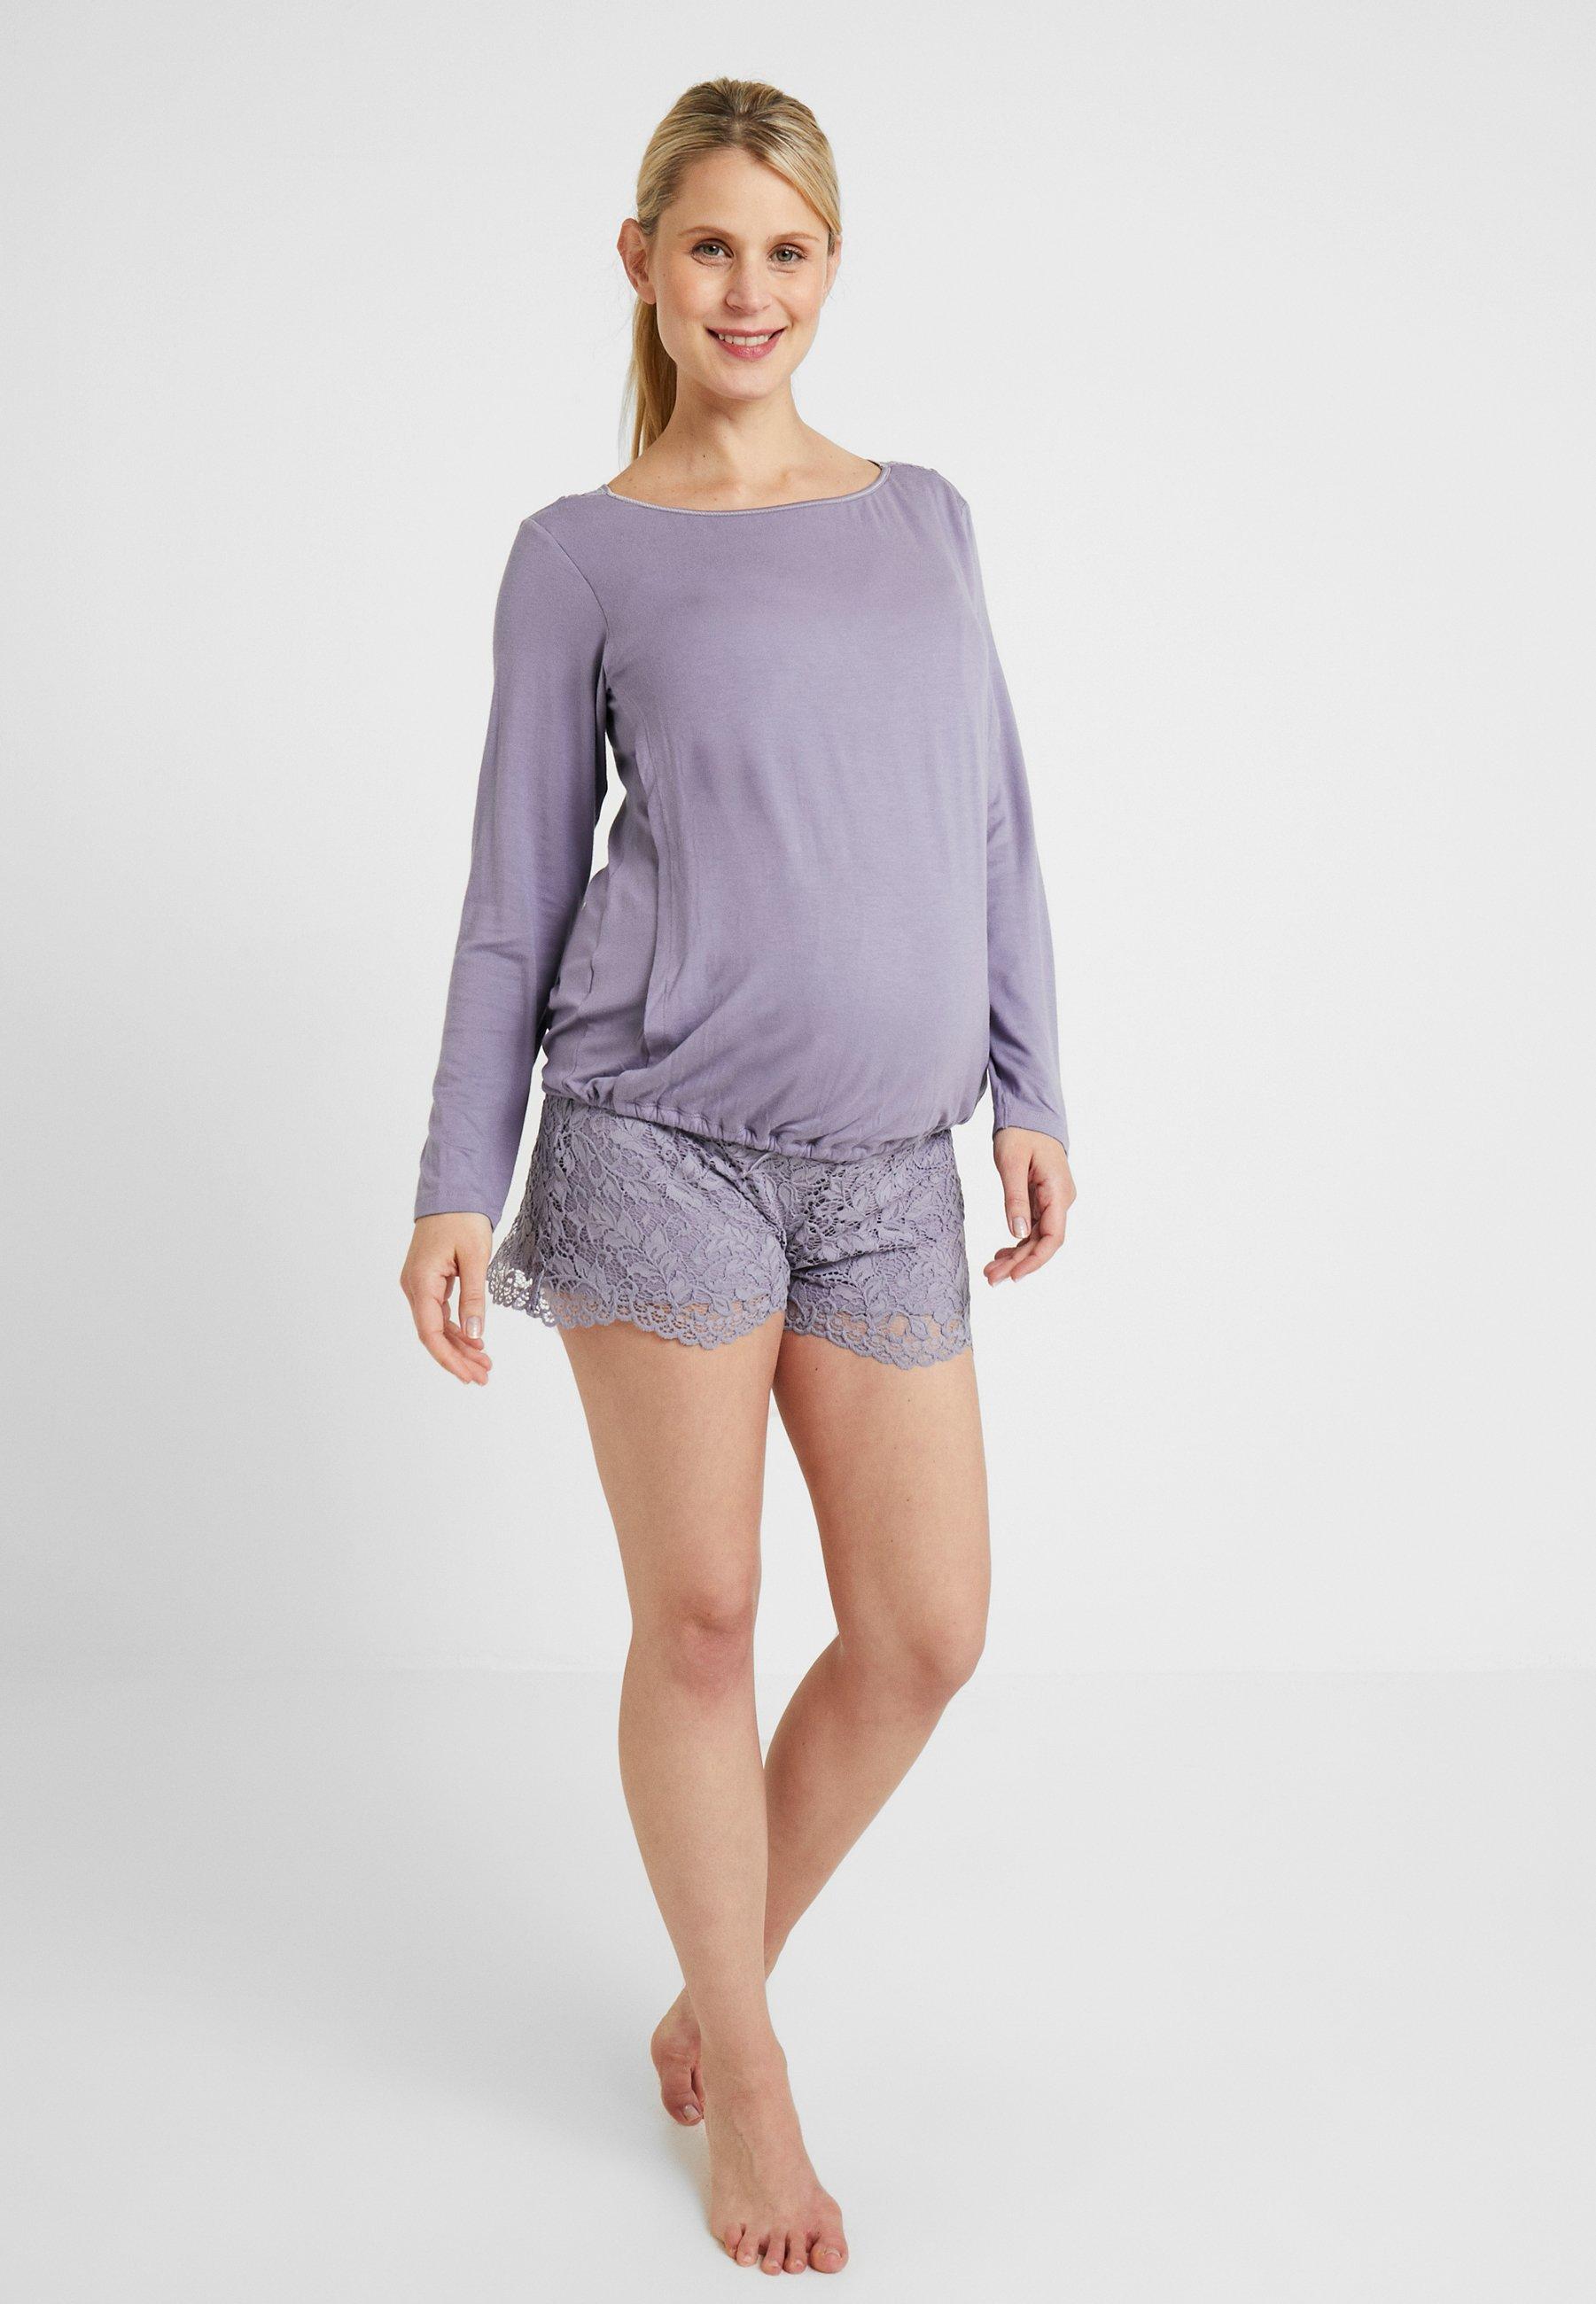 Damen BREASTFEEDING TUNIC - Nachtwäsche Shirt